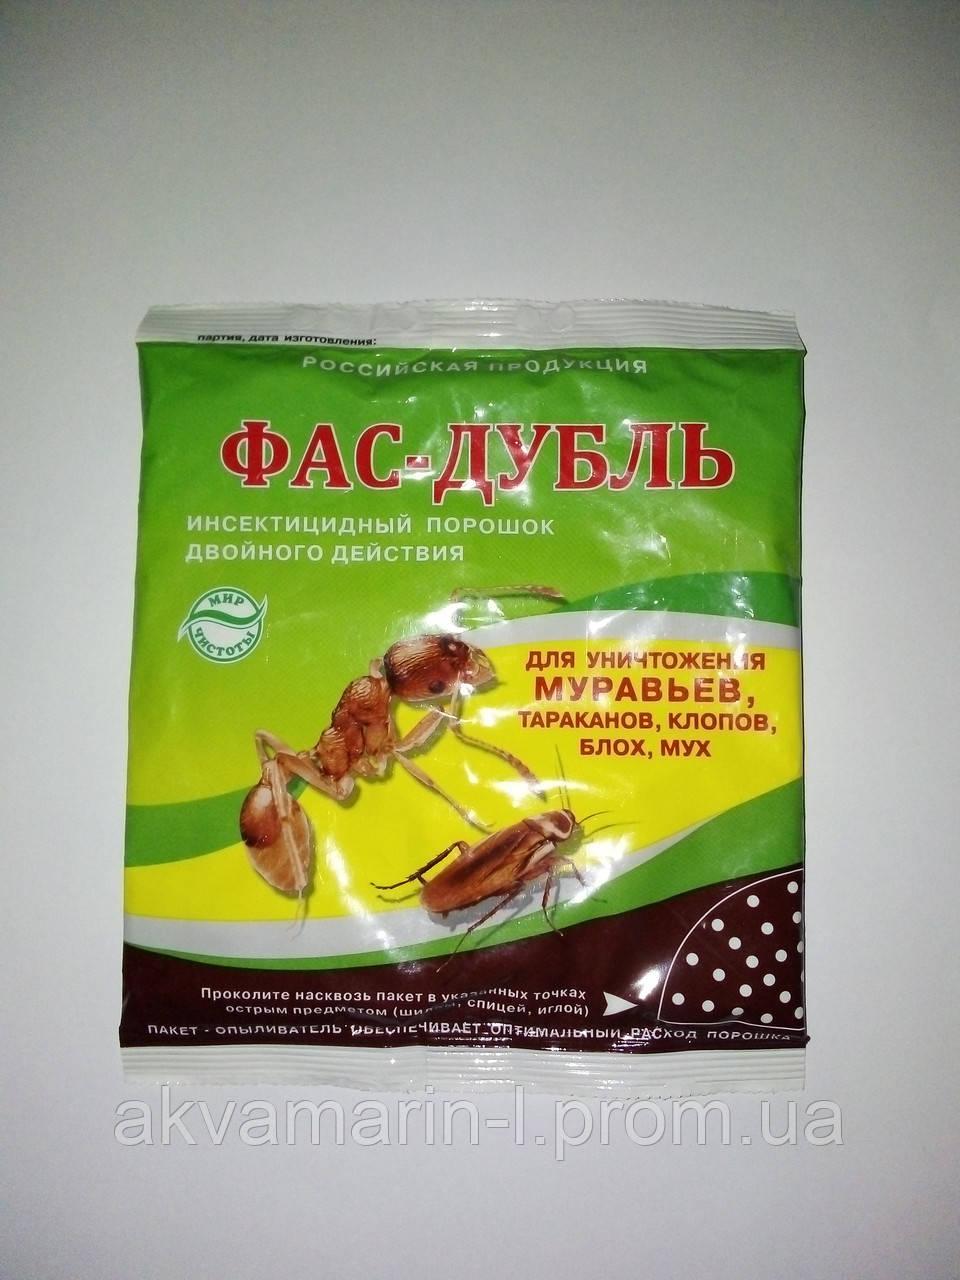 Порошок инсектицидный Фас-дубль для от ползающих насекомых 125 г